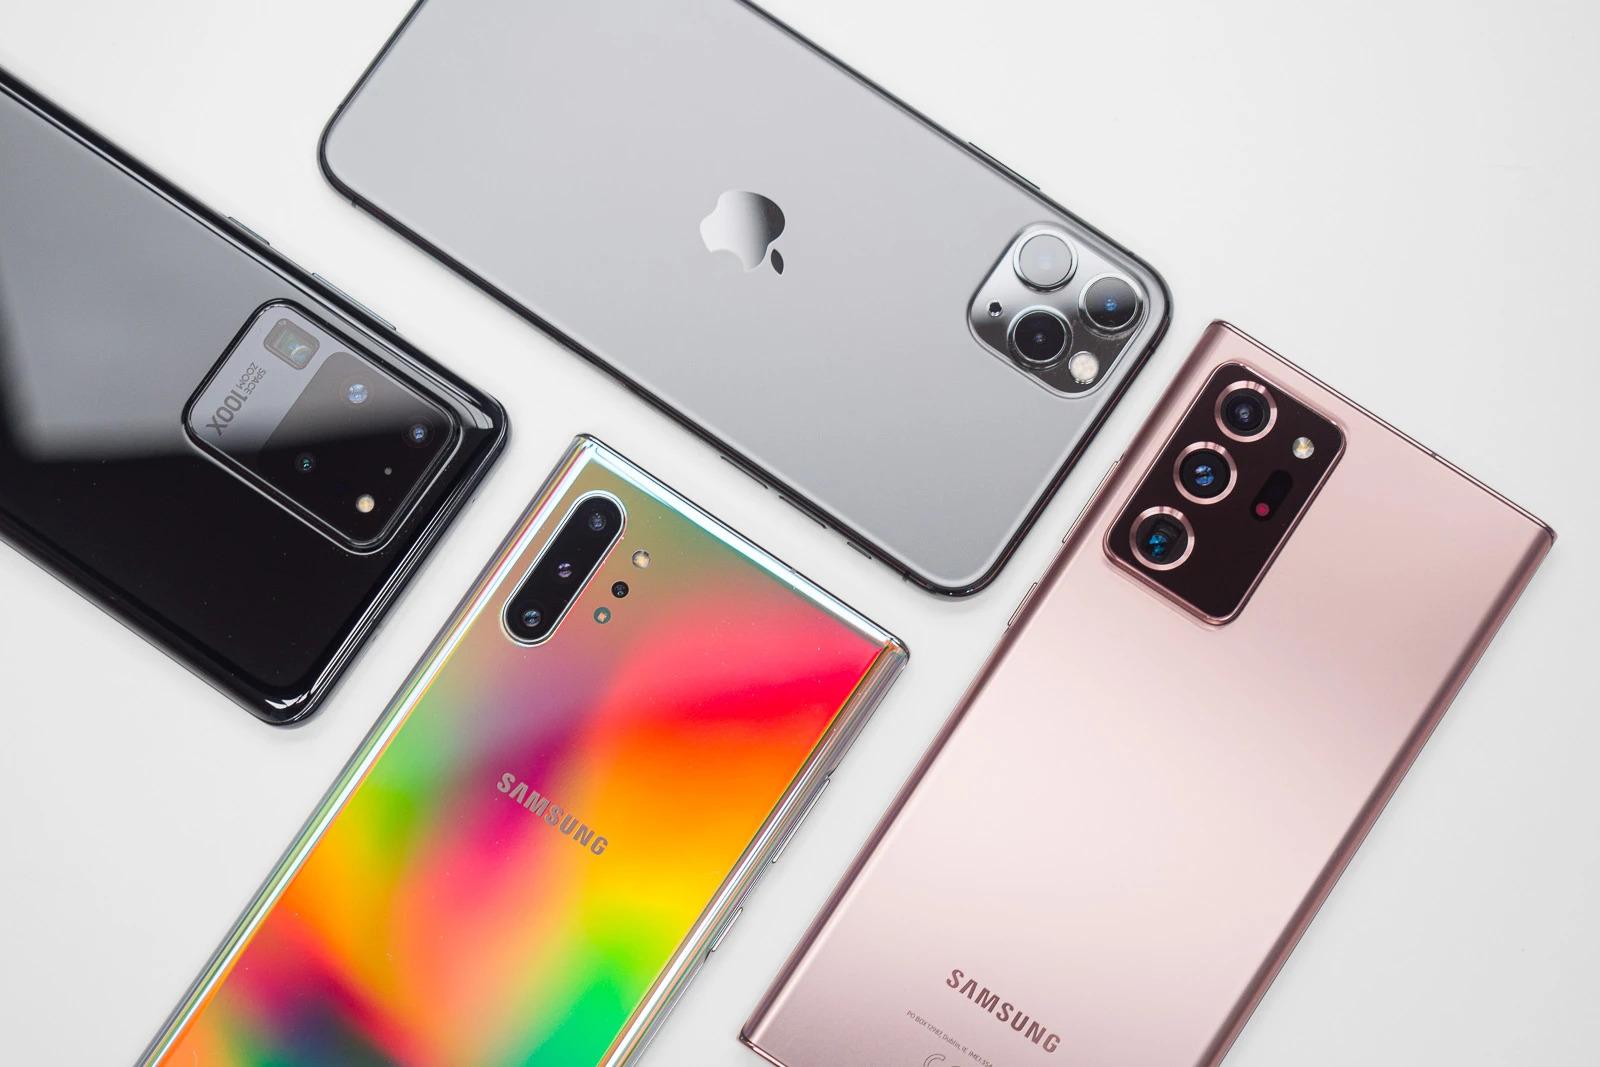 أفضل الهواتف في عام 2020 أفضل هواتف العام الحالي أفضل موبايلات سامسونج